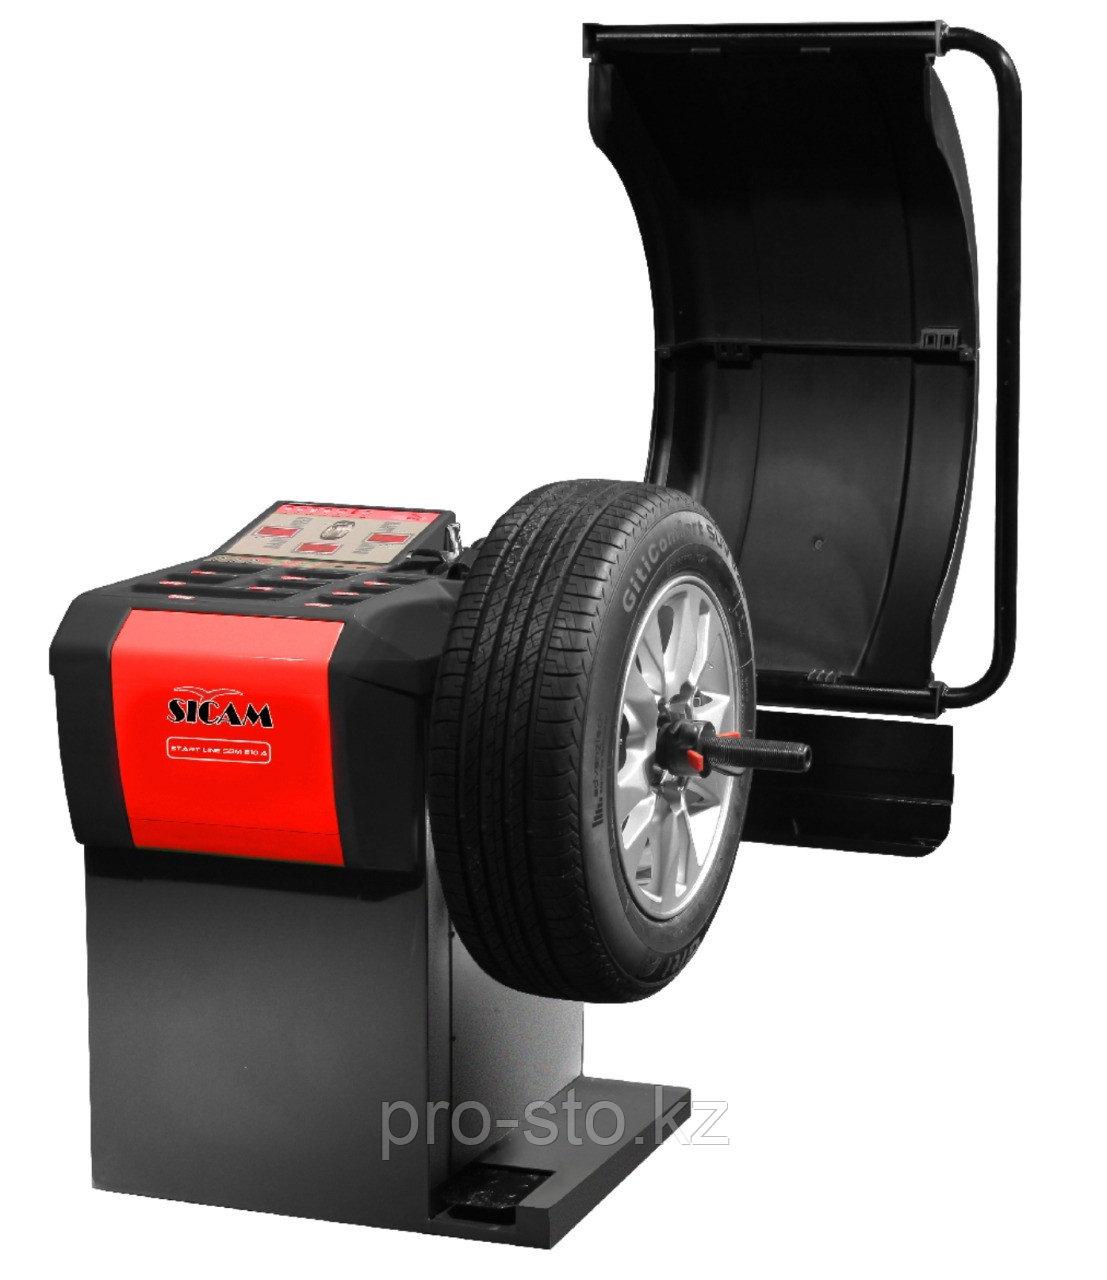 Балансировочный стенд полуавтоматический Sicam арт. SBM210A (Италия)